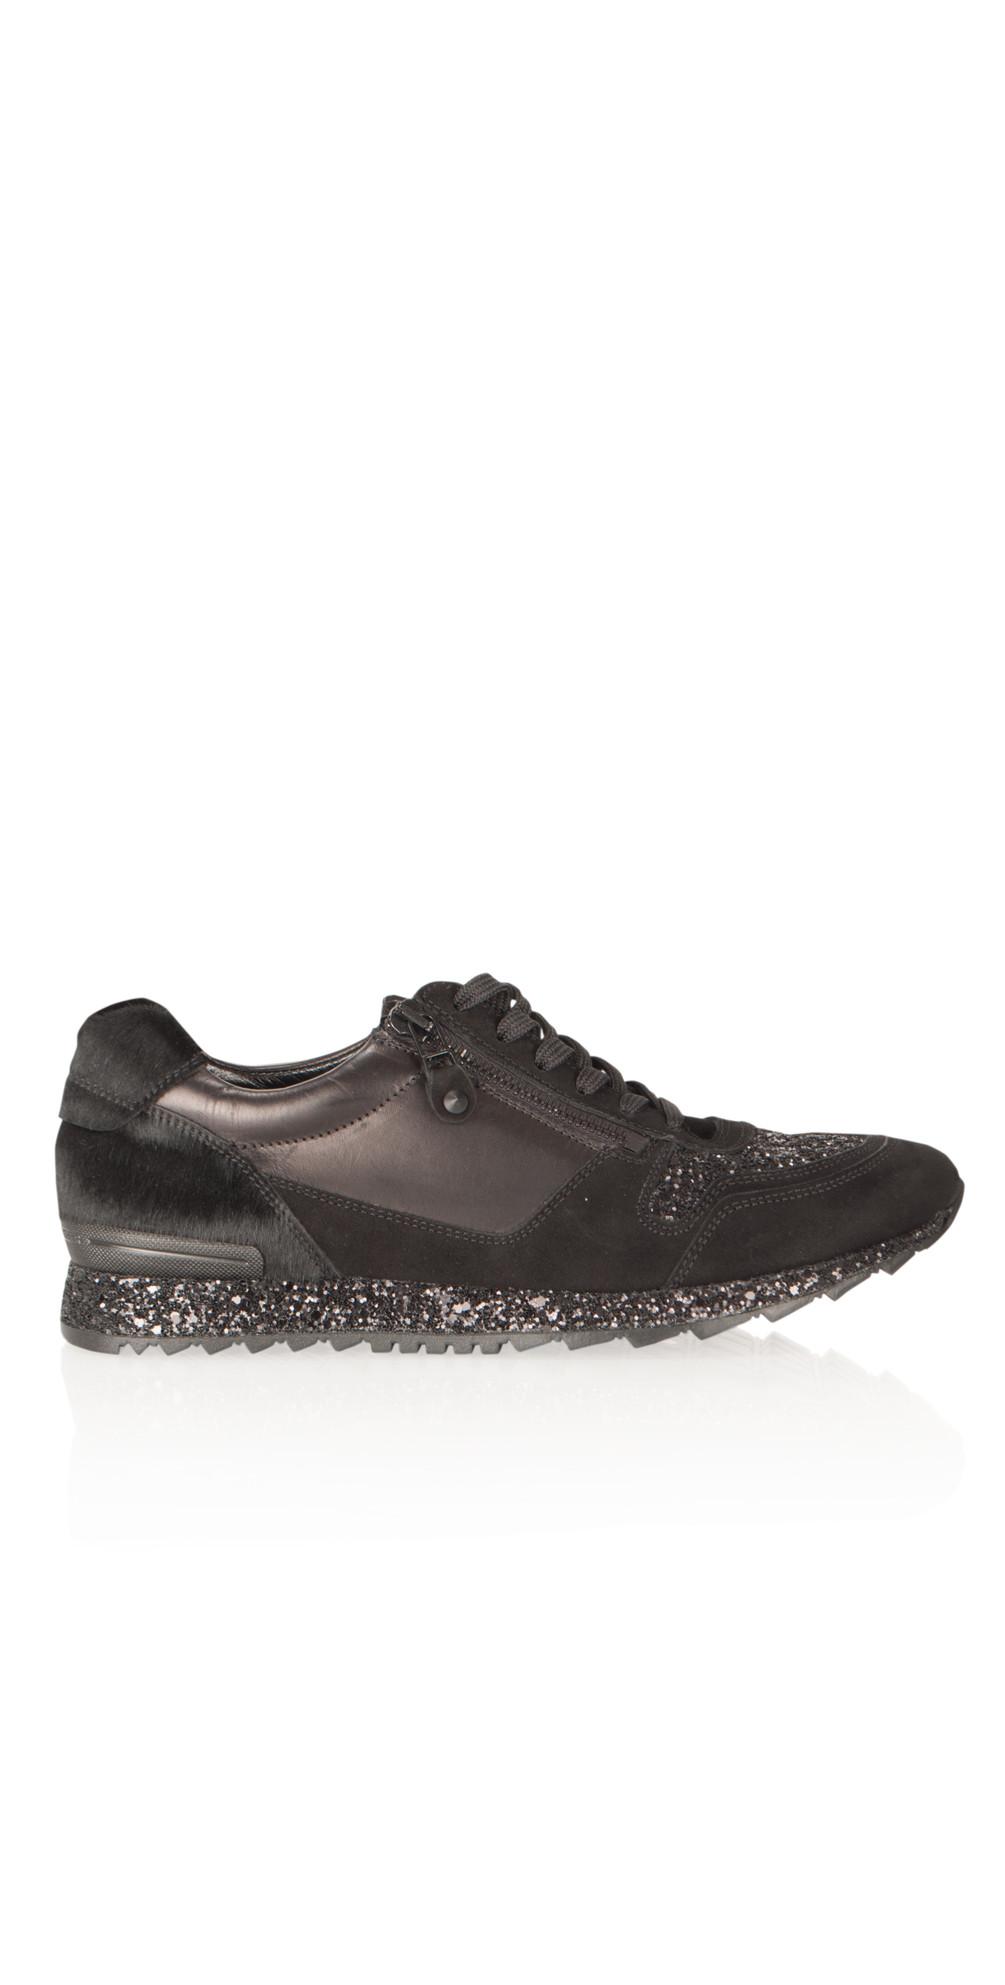 kennel und schmenger runner glitter trainer in schwarz. Black Bedroom Furniture Sets. Home Design Ideas